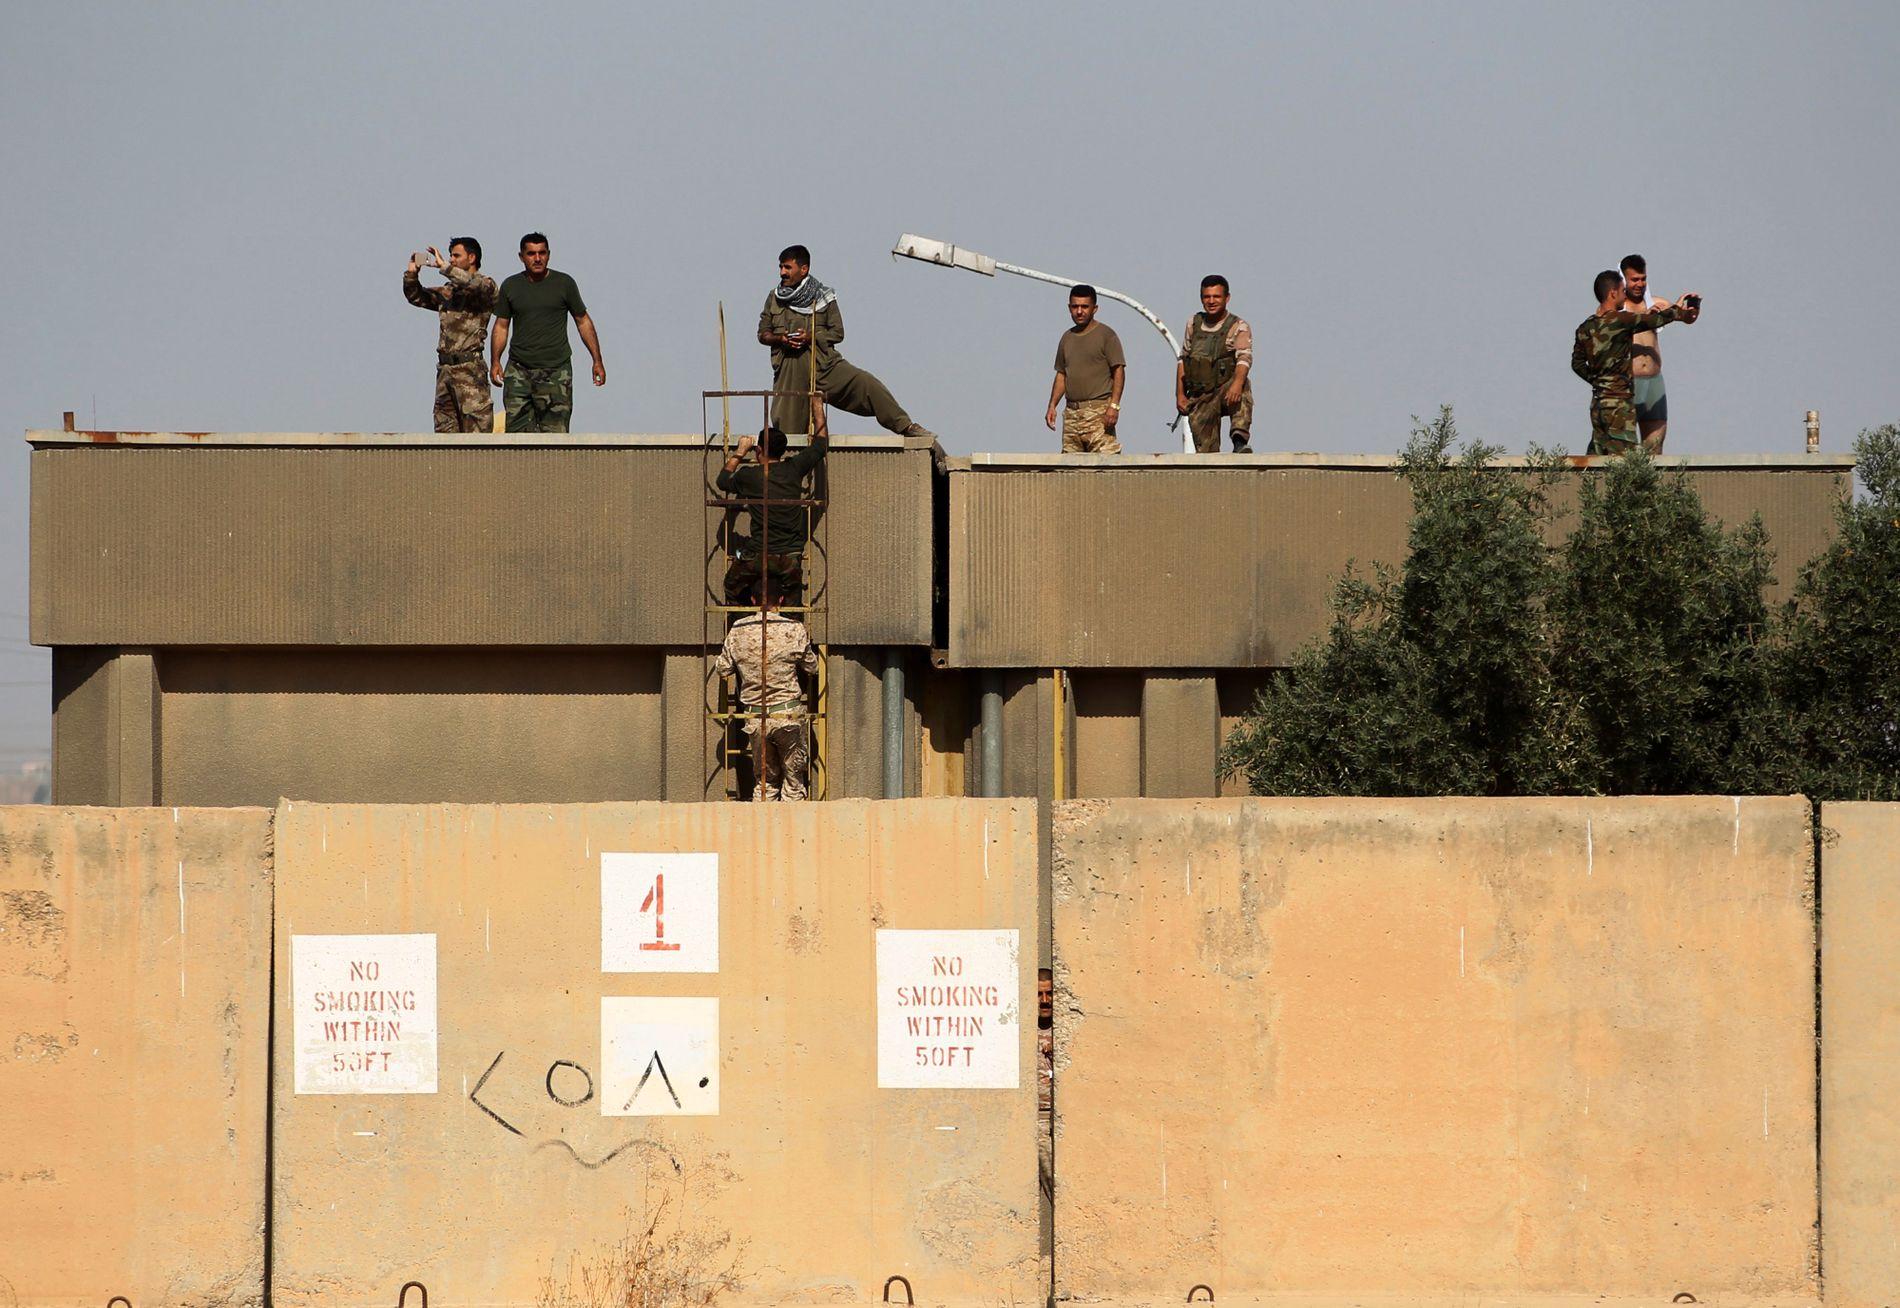 UTKIKKSPOST: Kurdiske peshmerga-styrker holder vakt fra taket av en bygning fra en av sine mange utposter ved Kirkuk.